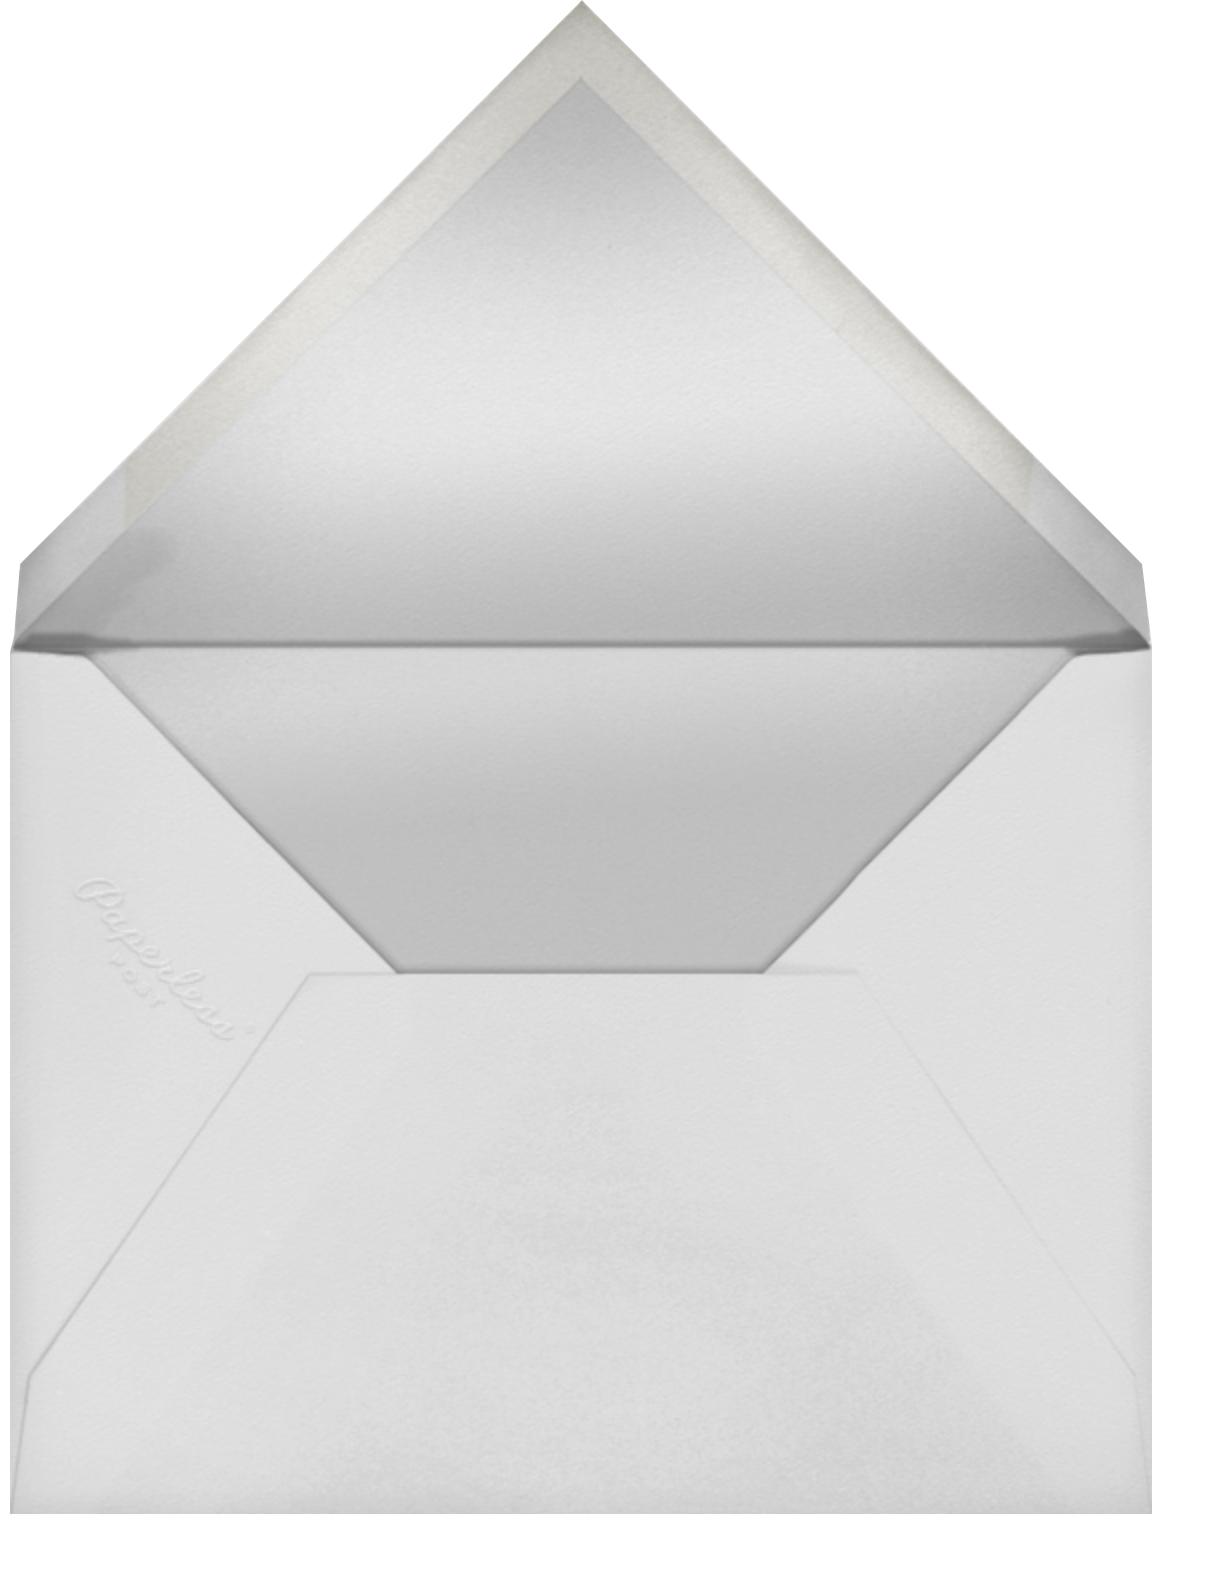 Van Alen Scallop II (Menu) - Oscar de la Renta - Menus - envelope back